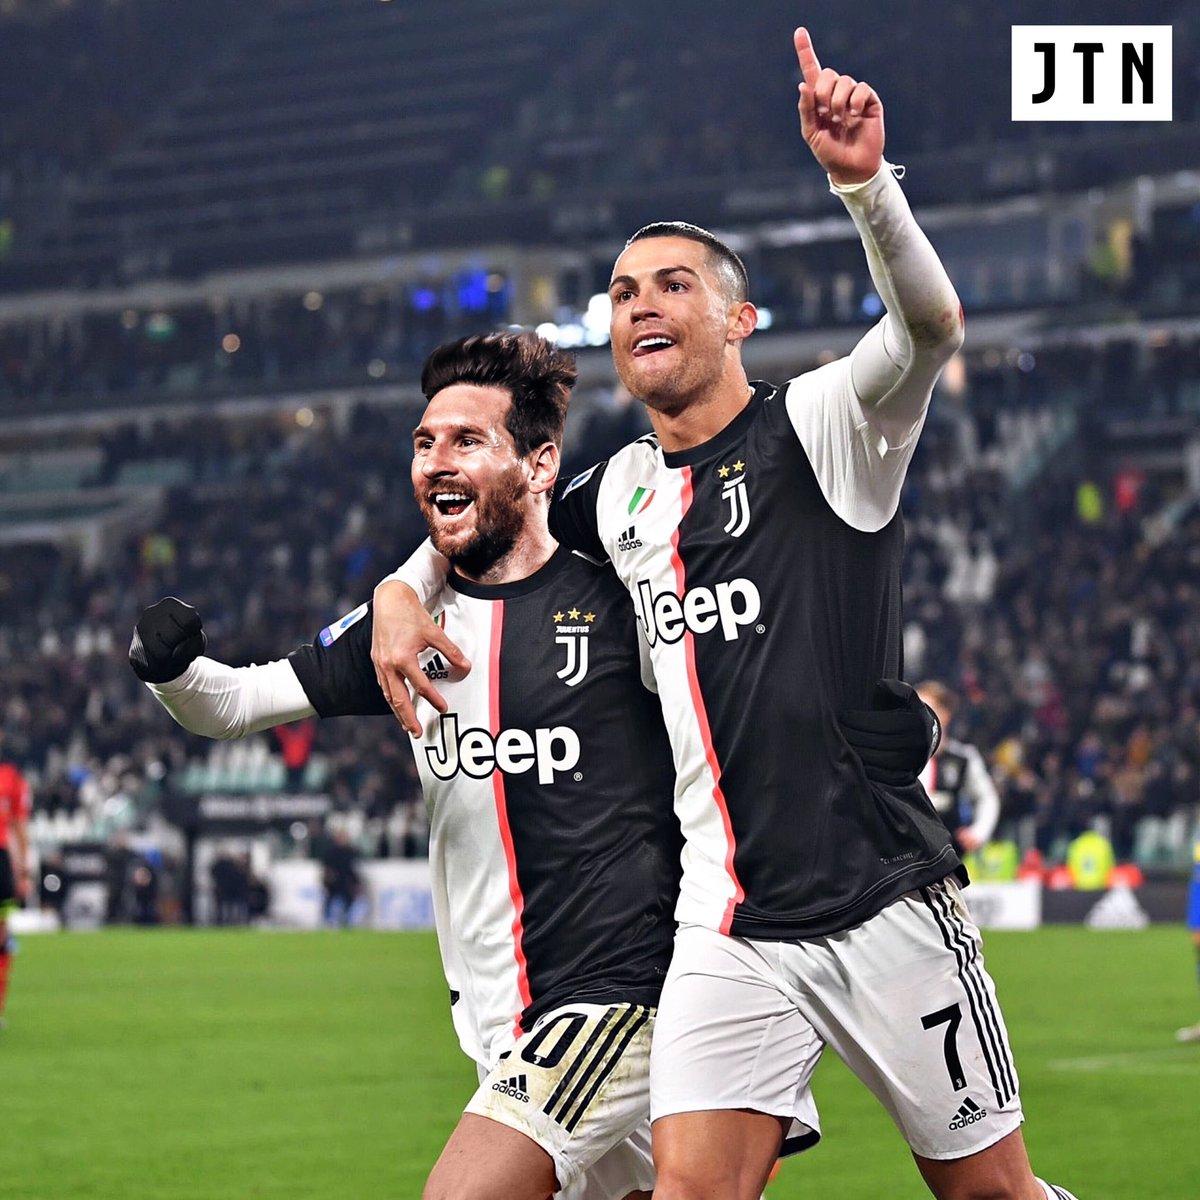 """Messi Ronaldo ilə """"Yuventus""""da oynasa, necə olar?"""